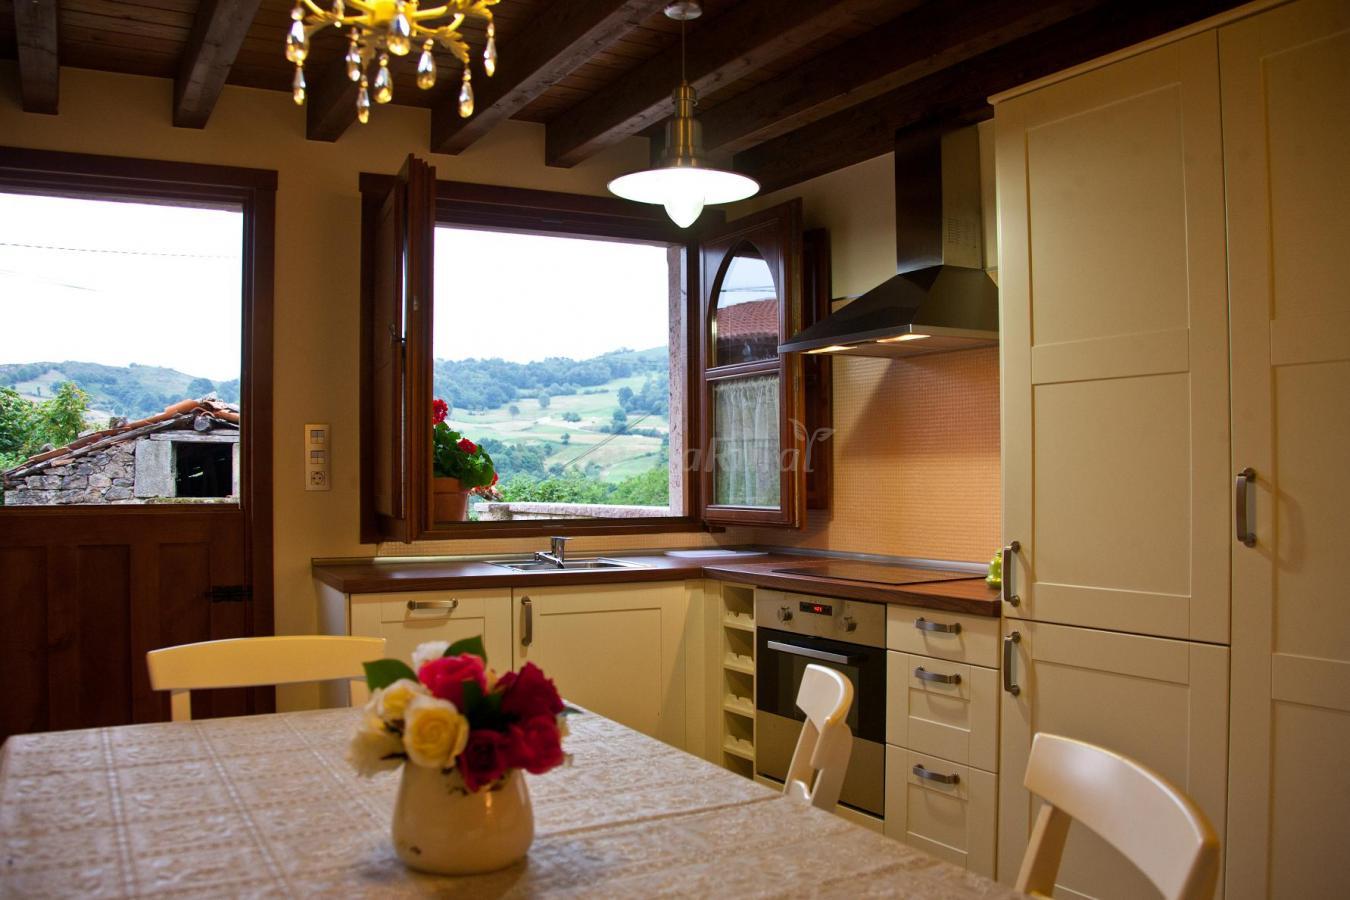 Fotos de casa rural madre pepa casa rural en cabrales asturias - Casas rurales asturias 2 personas ...